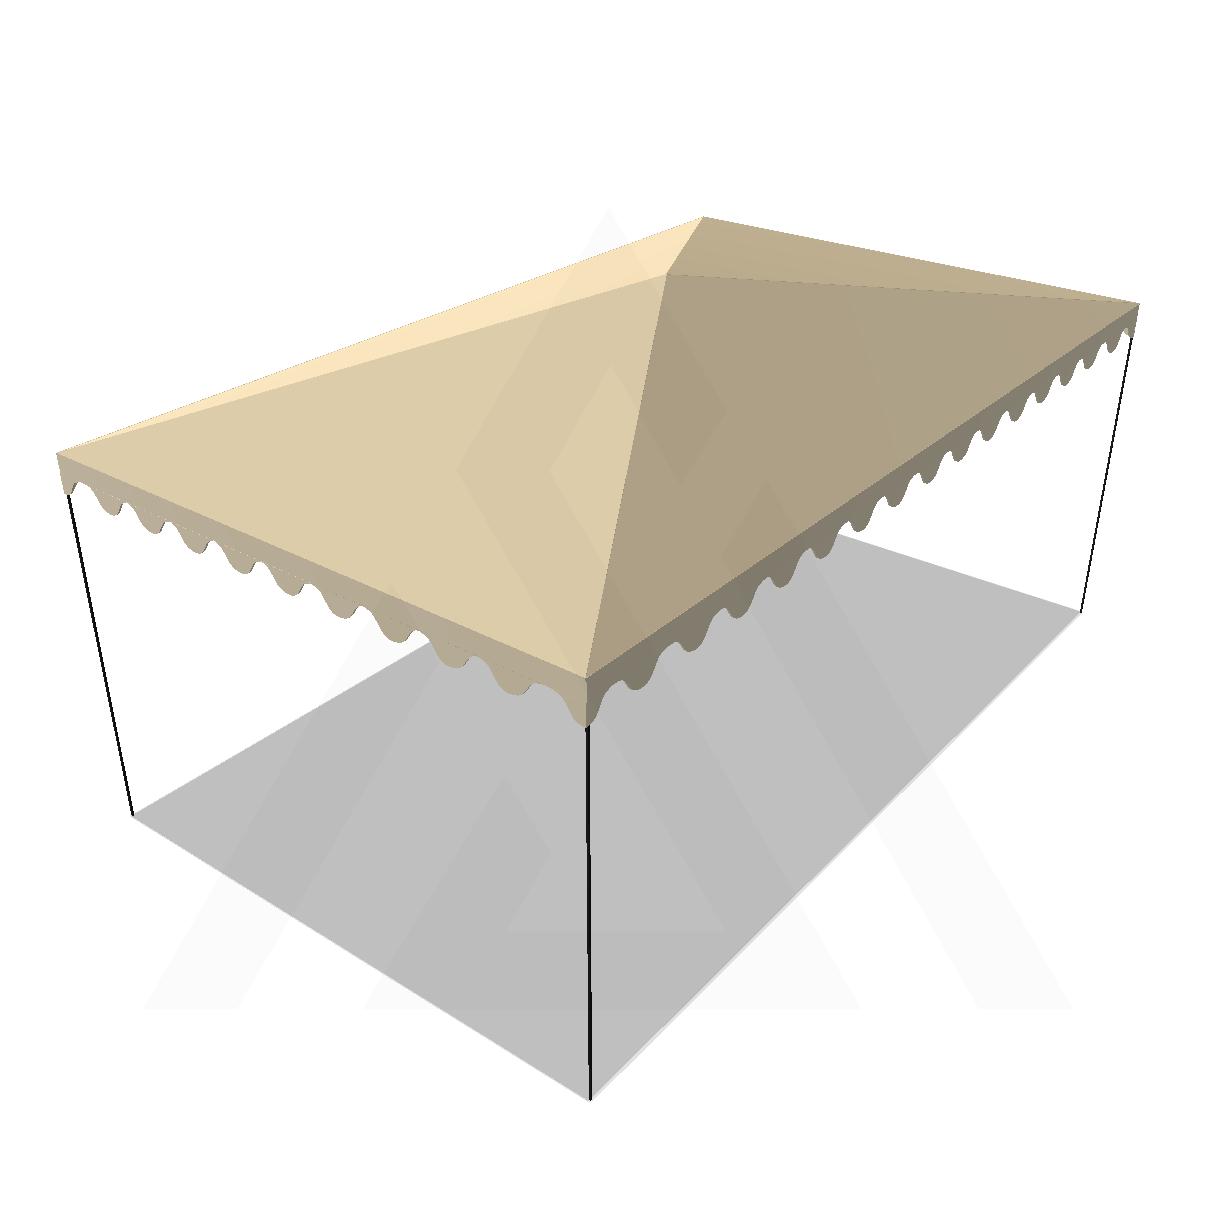 Bâche tonnelle rectangle 4 pentes sans faîtage